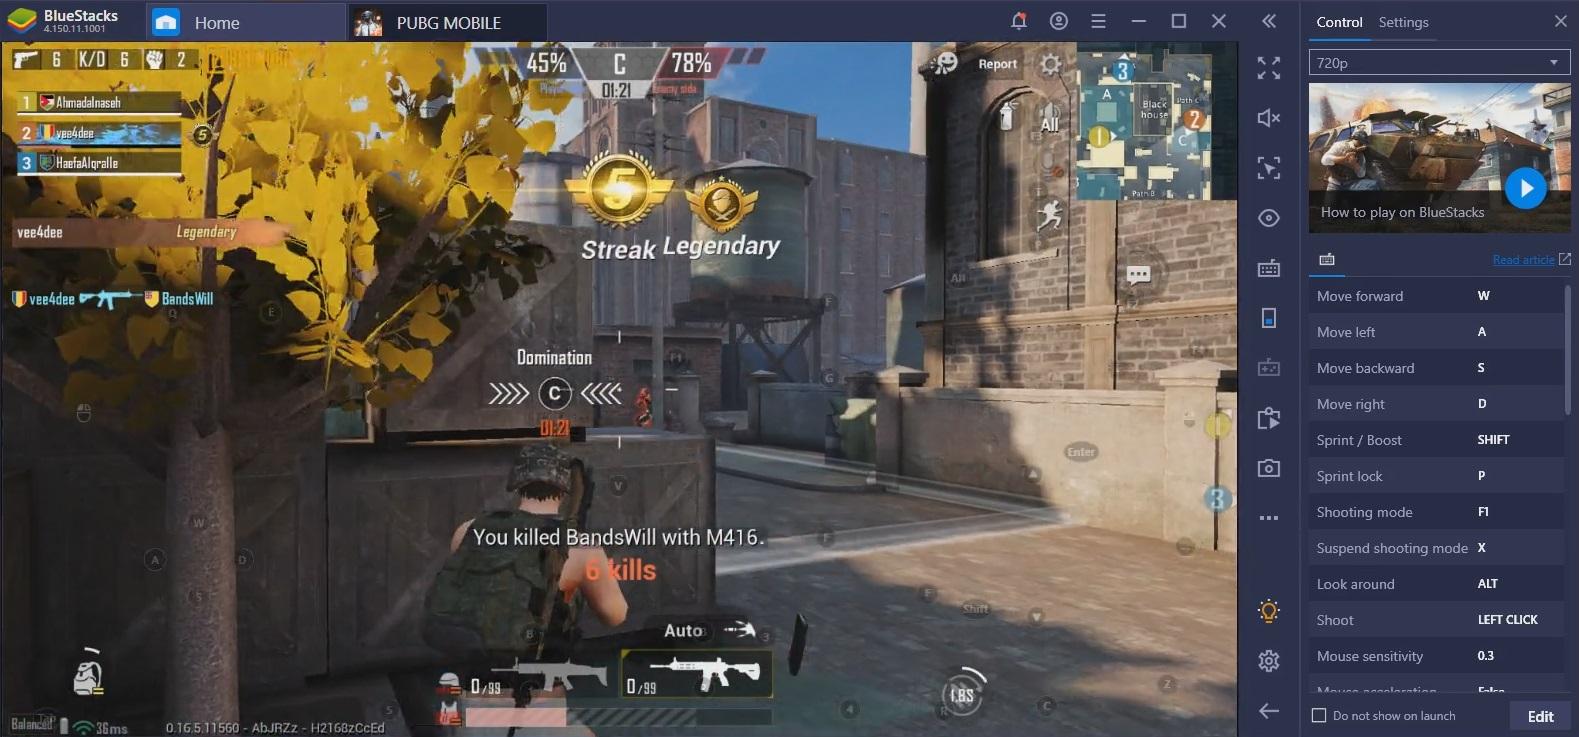 PUBG Mobile على جهاز الكمبيوتر: تم تحديث دليل أسلحة BlueStacks لعام 2020